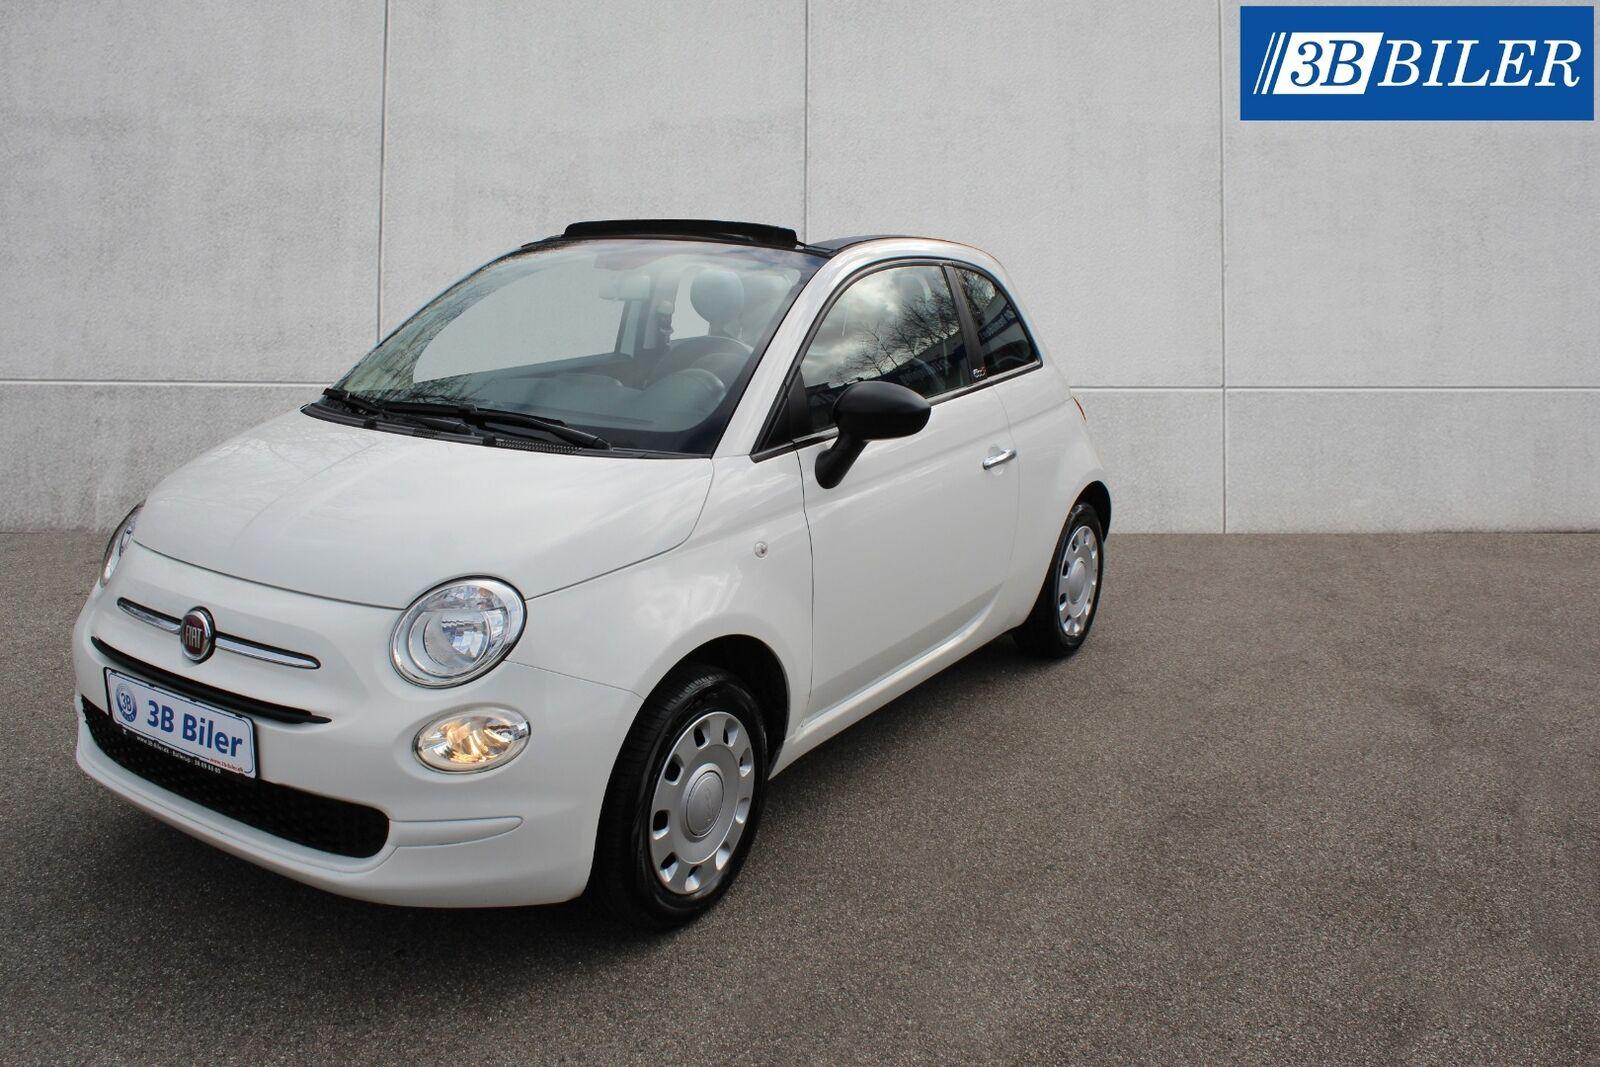 Fiat 500C 1,2 Pop 2d - 2.277 kr.